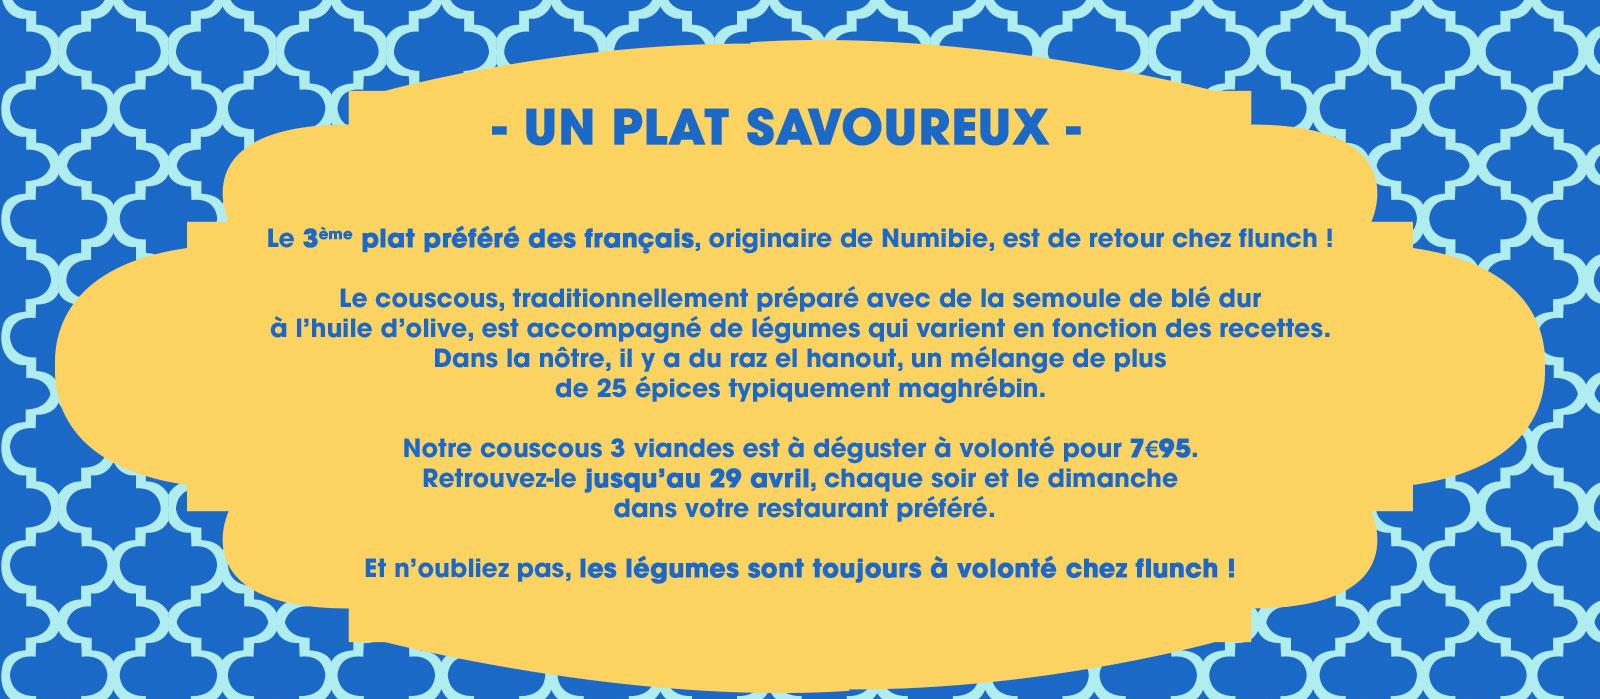 recette couscous flunch